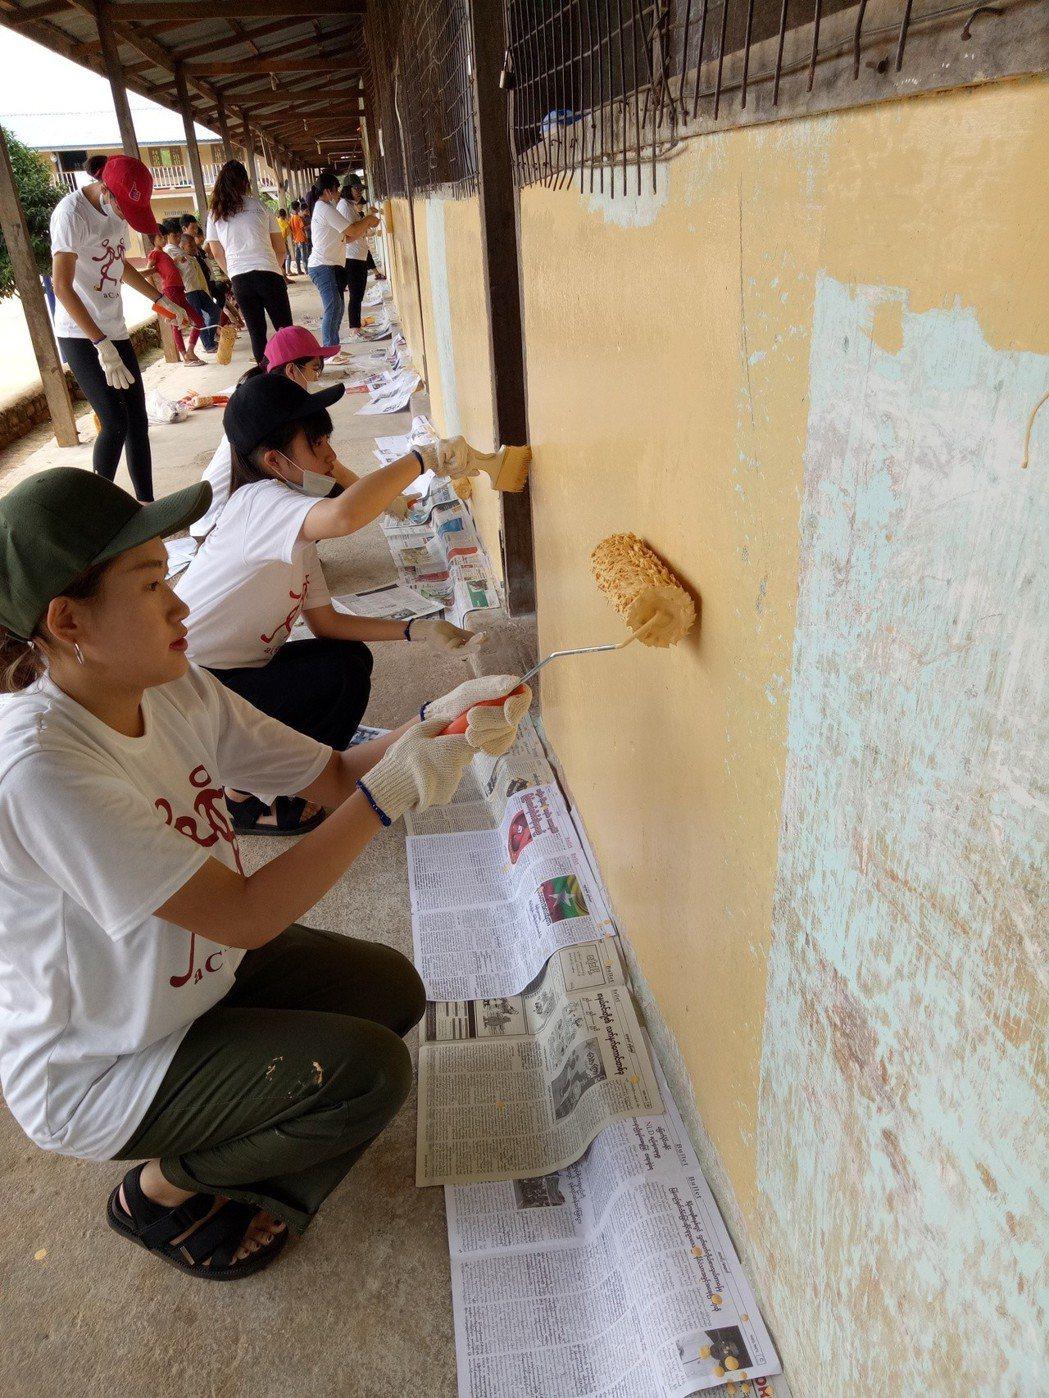 弘光科大國際志工前往緬甸服務幫忙刷油漆 弘光科大/提供。